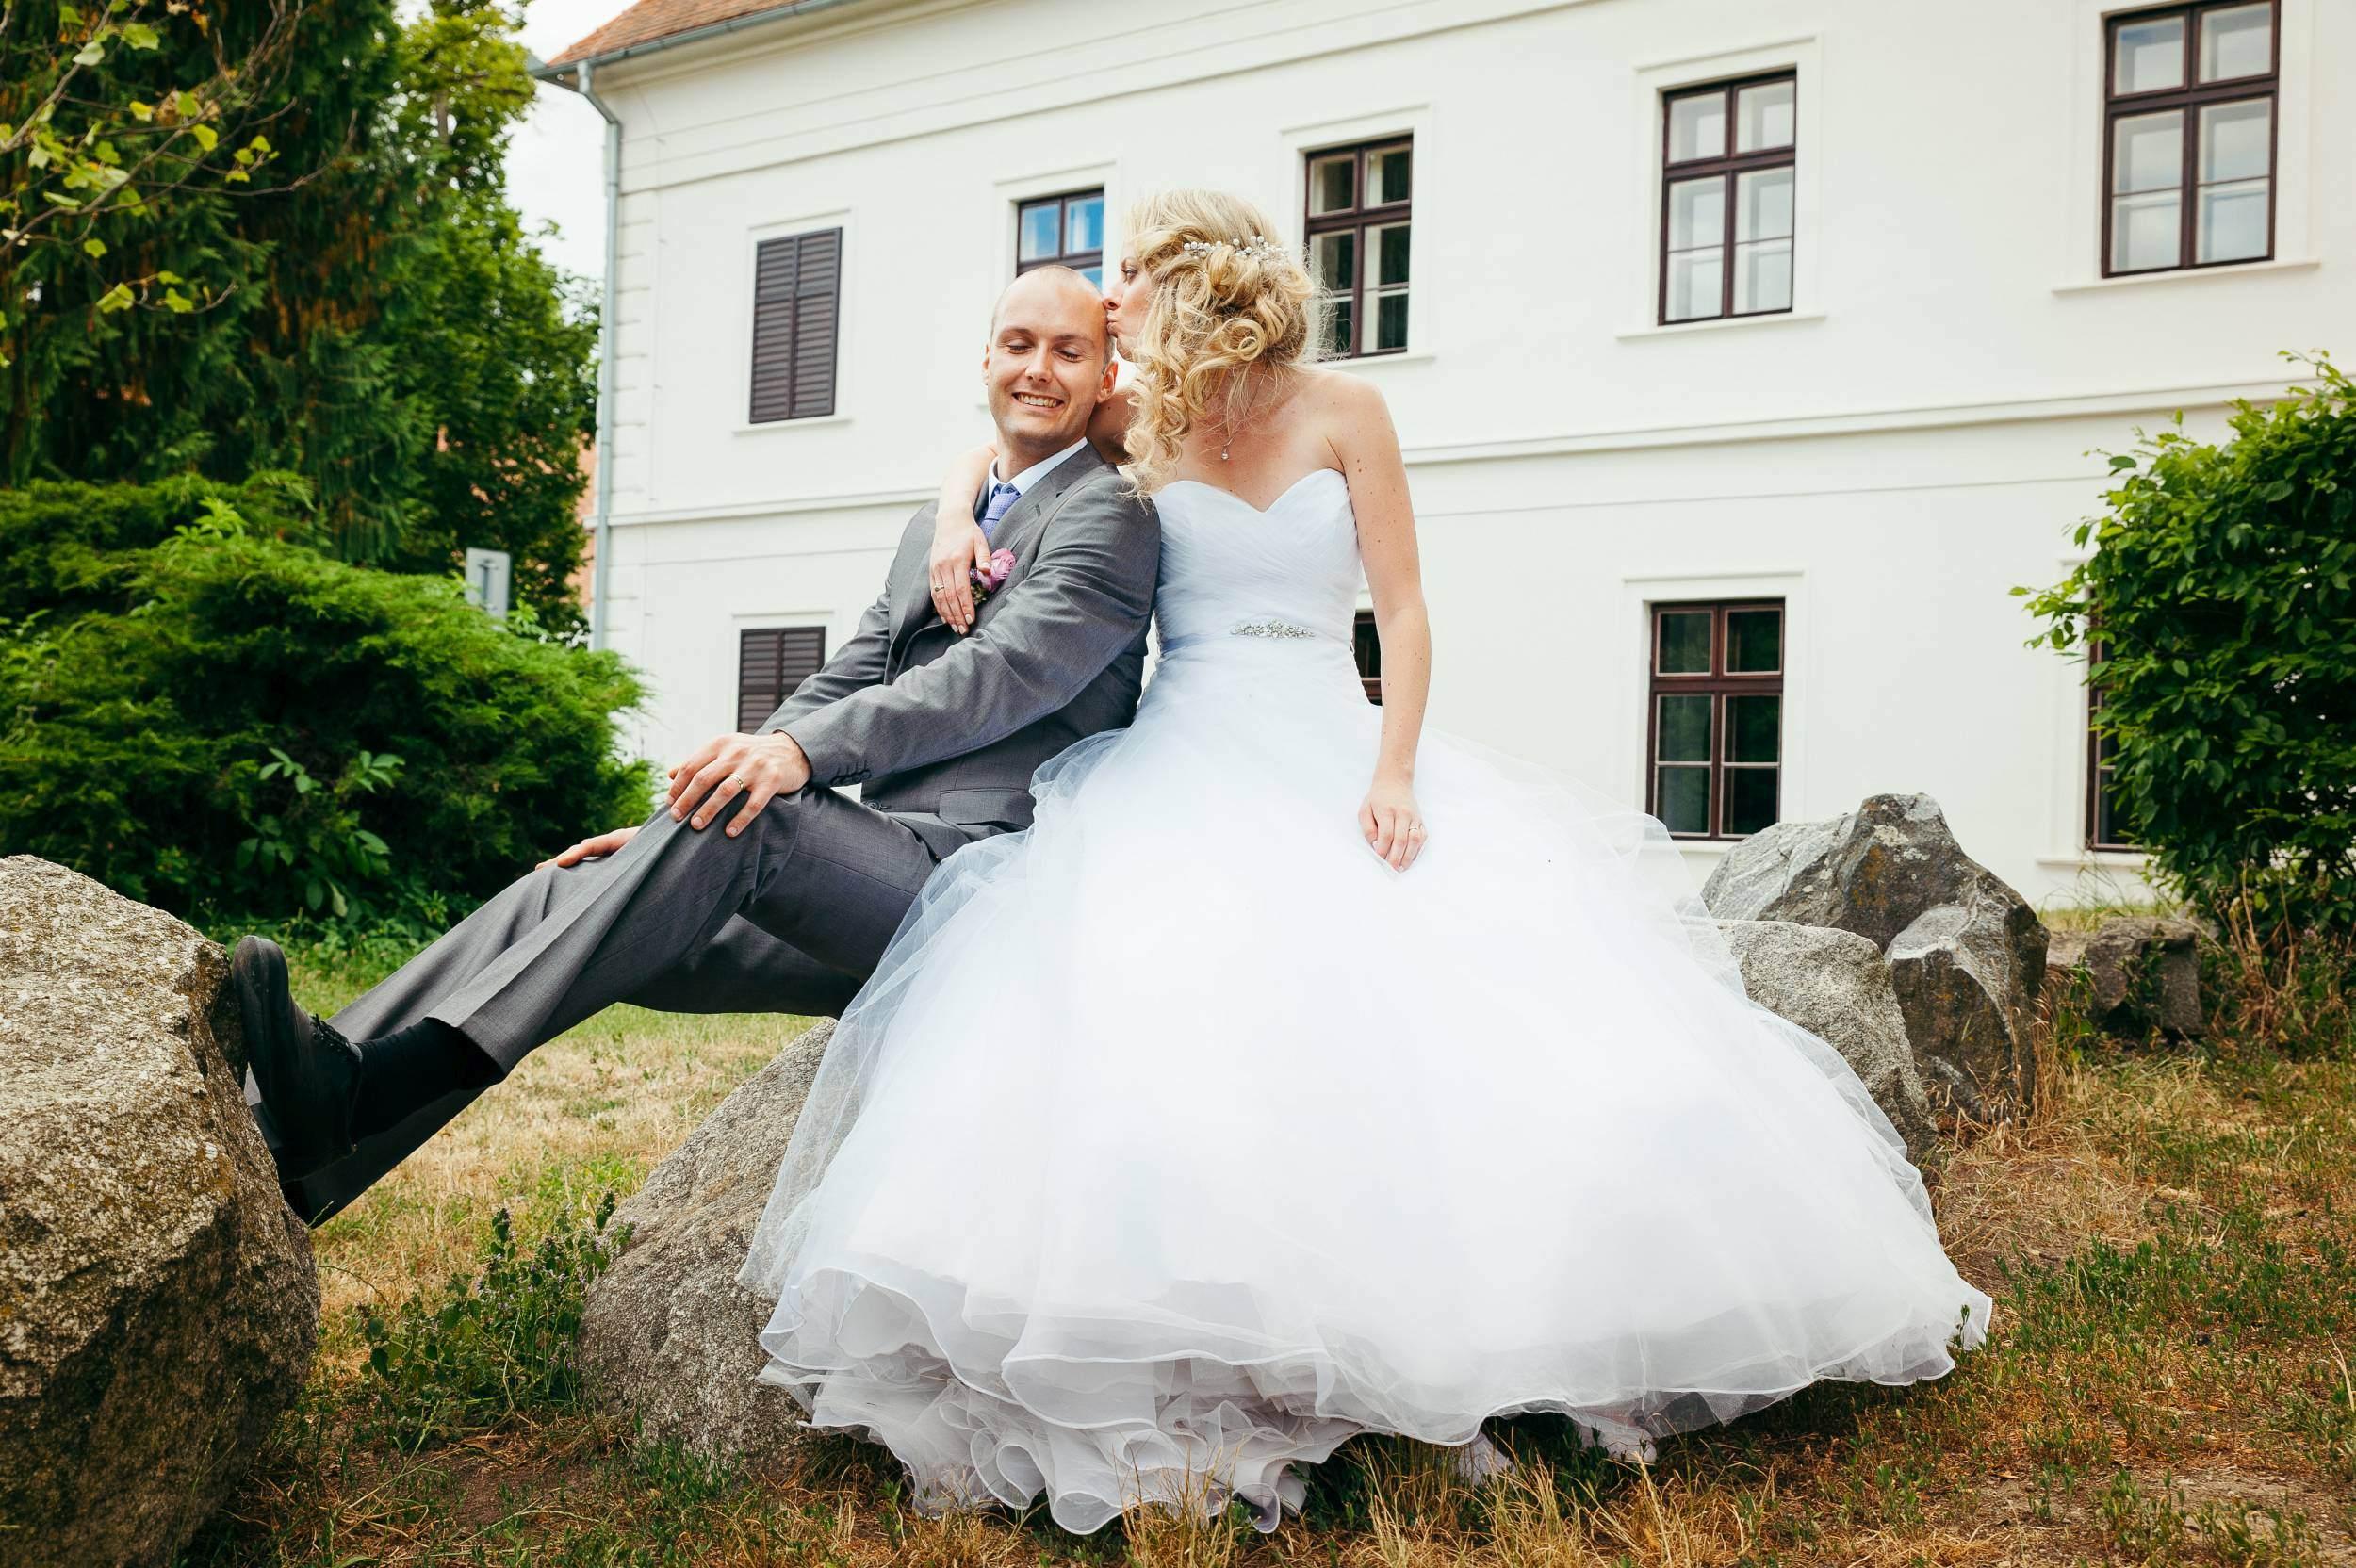 Svatební fotograf, zámek Rosice, Zastávka u Brna, jižní Morava